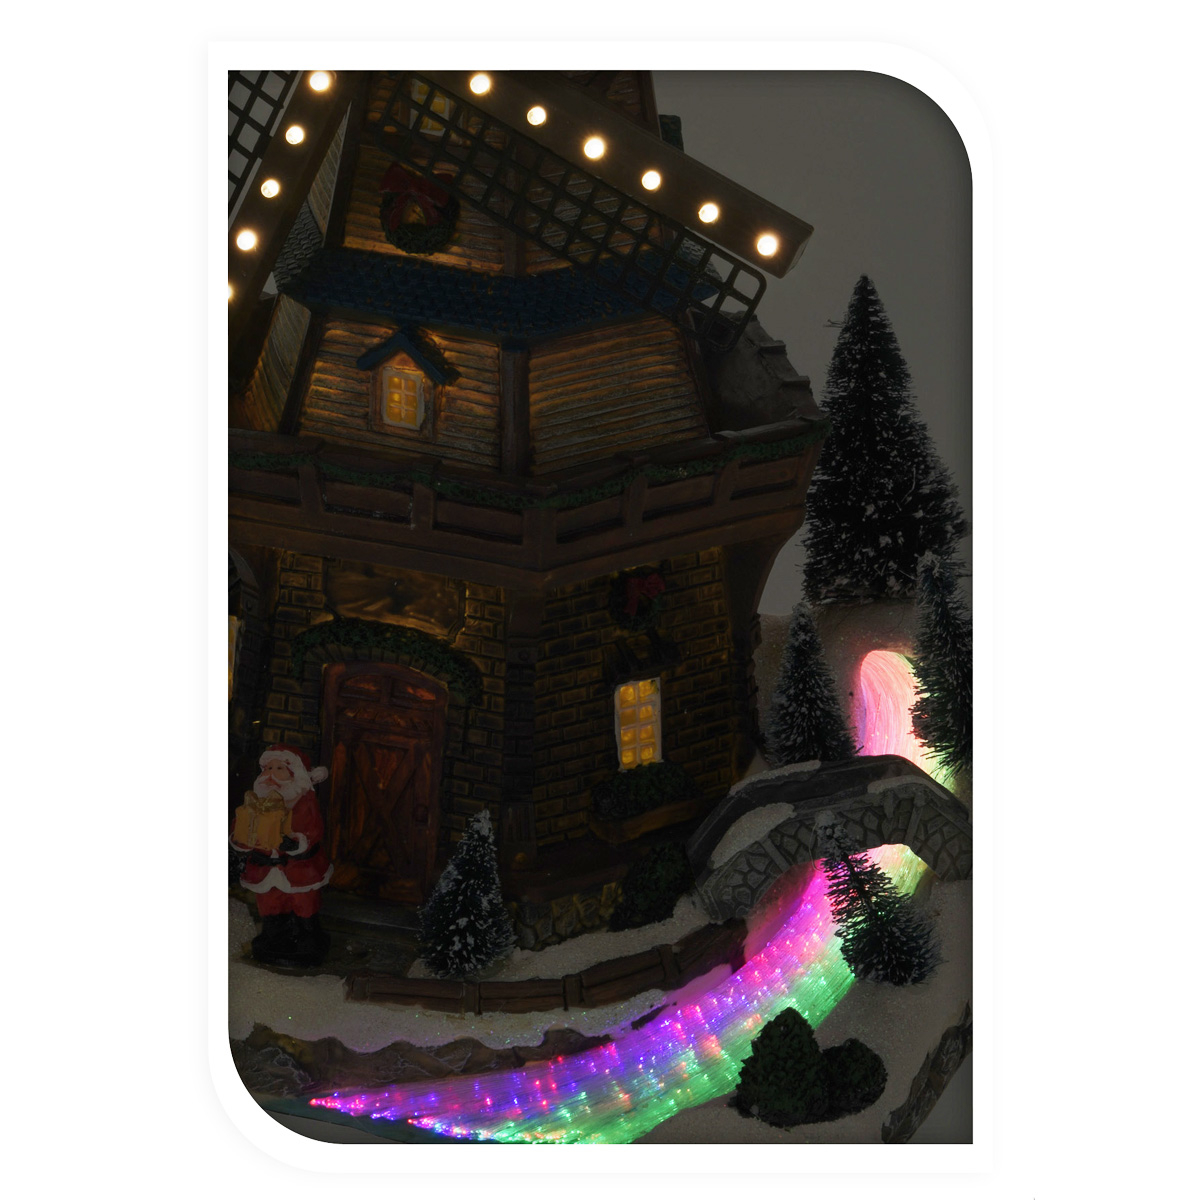 weihnachtsszene windm hle led beleuchtung christmas weihnachten deko santa feste und feiertage. Black Bedroom Furniture Sets. Home Design Ideas